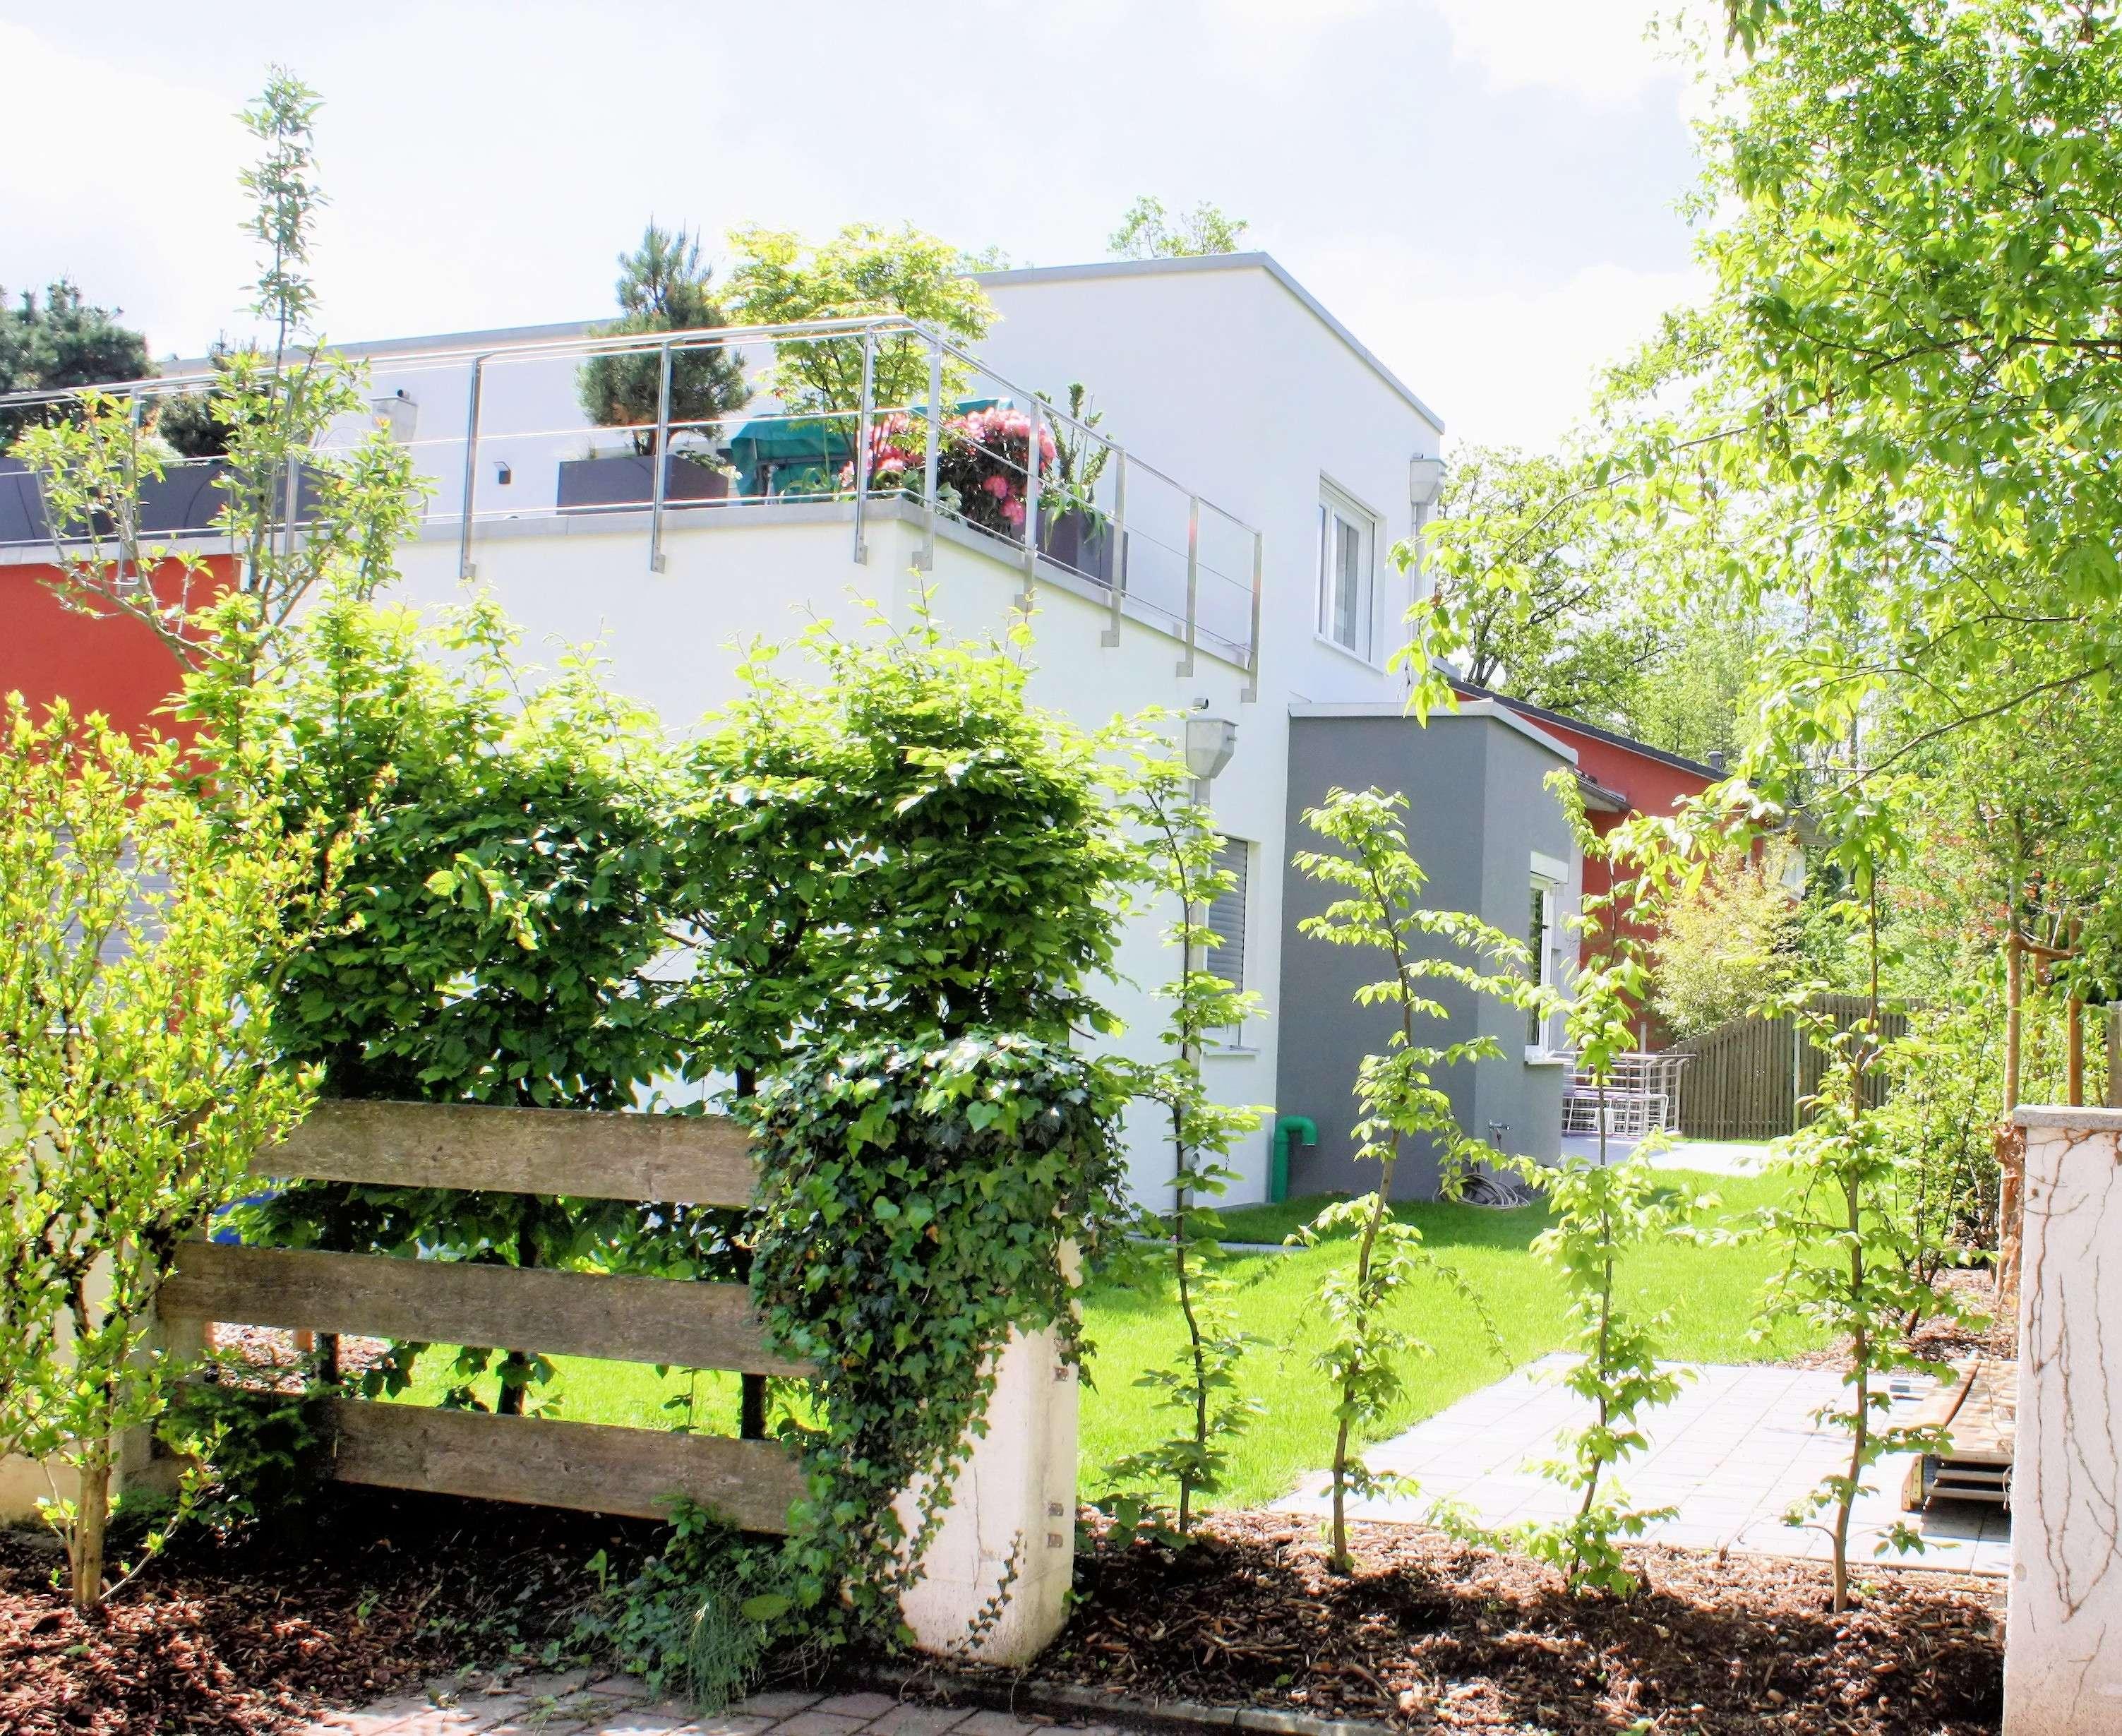 Exklusive, 5 Zimmer Wohnung in Neubauvilla in GRÄFELFING, stilvoll, modern mit Kamin, 2,5 Bädern und